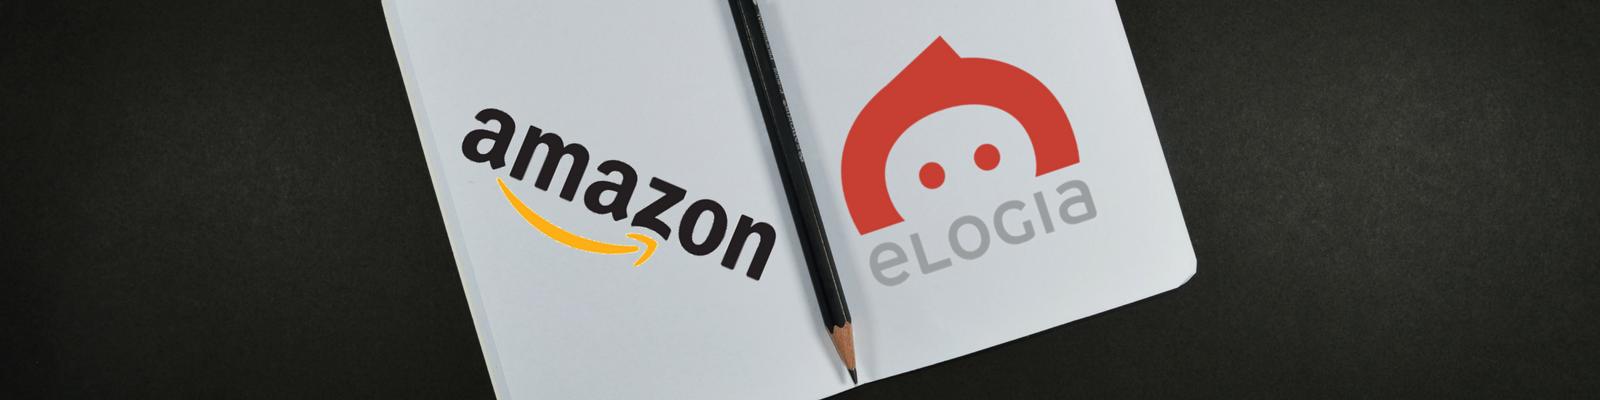 Elogia cierra un acuerdo para gestionar campañas de anuncios en Amazon Advertising Platform